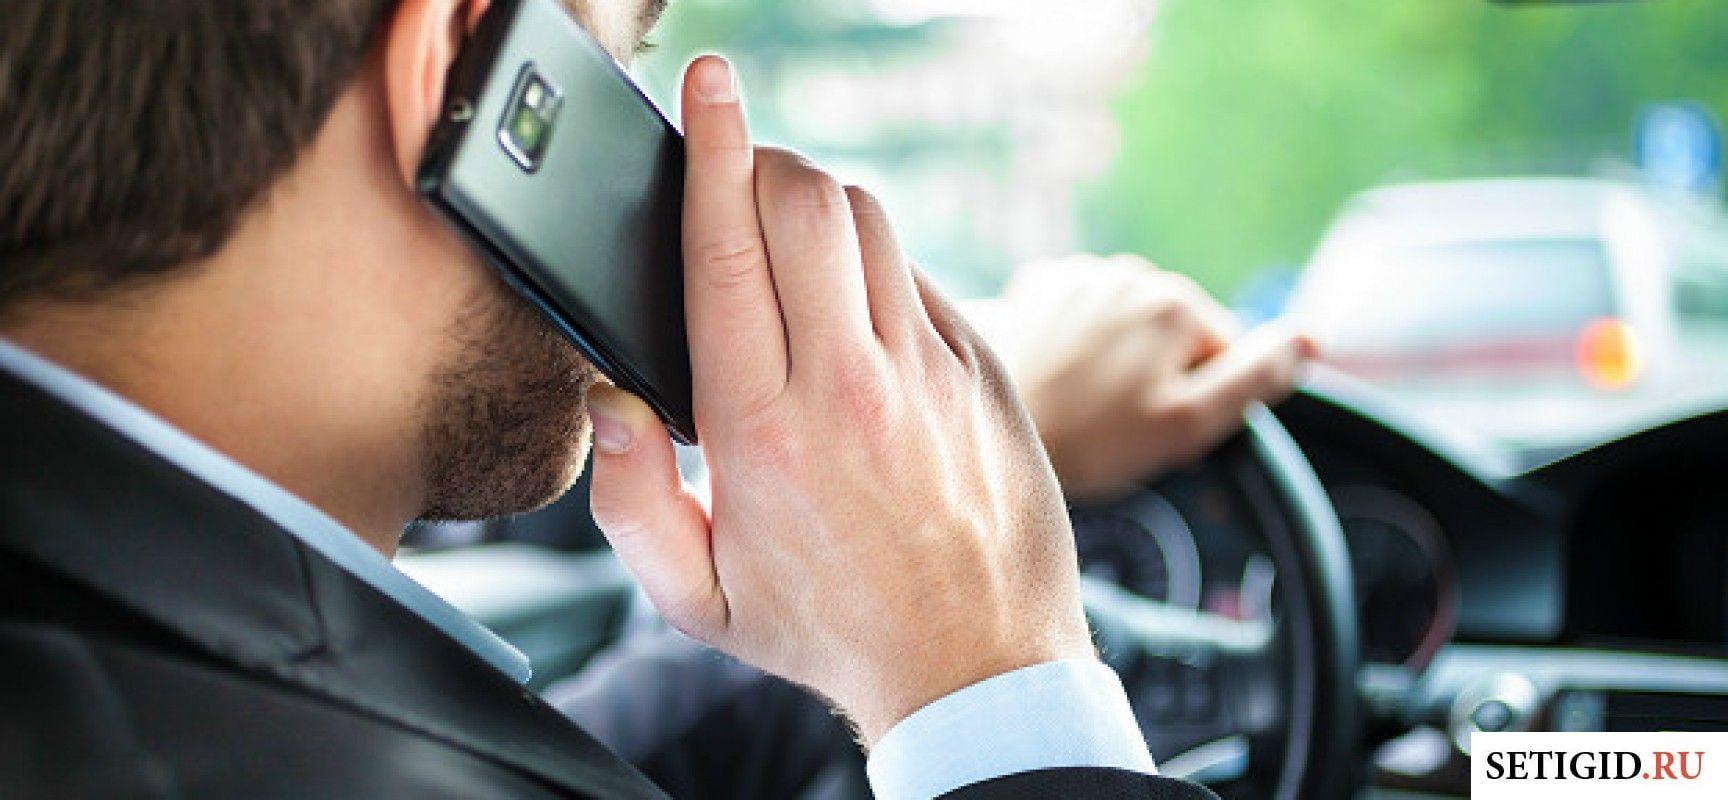 Мужчина за рулём разговаривает по мобильному телефону